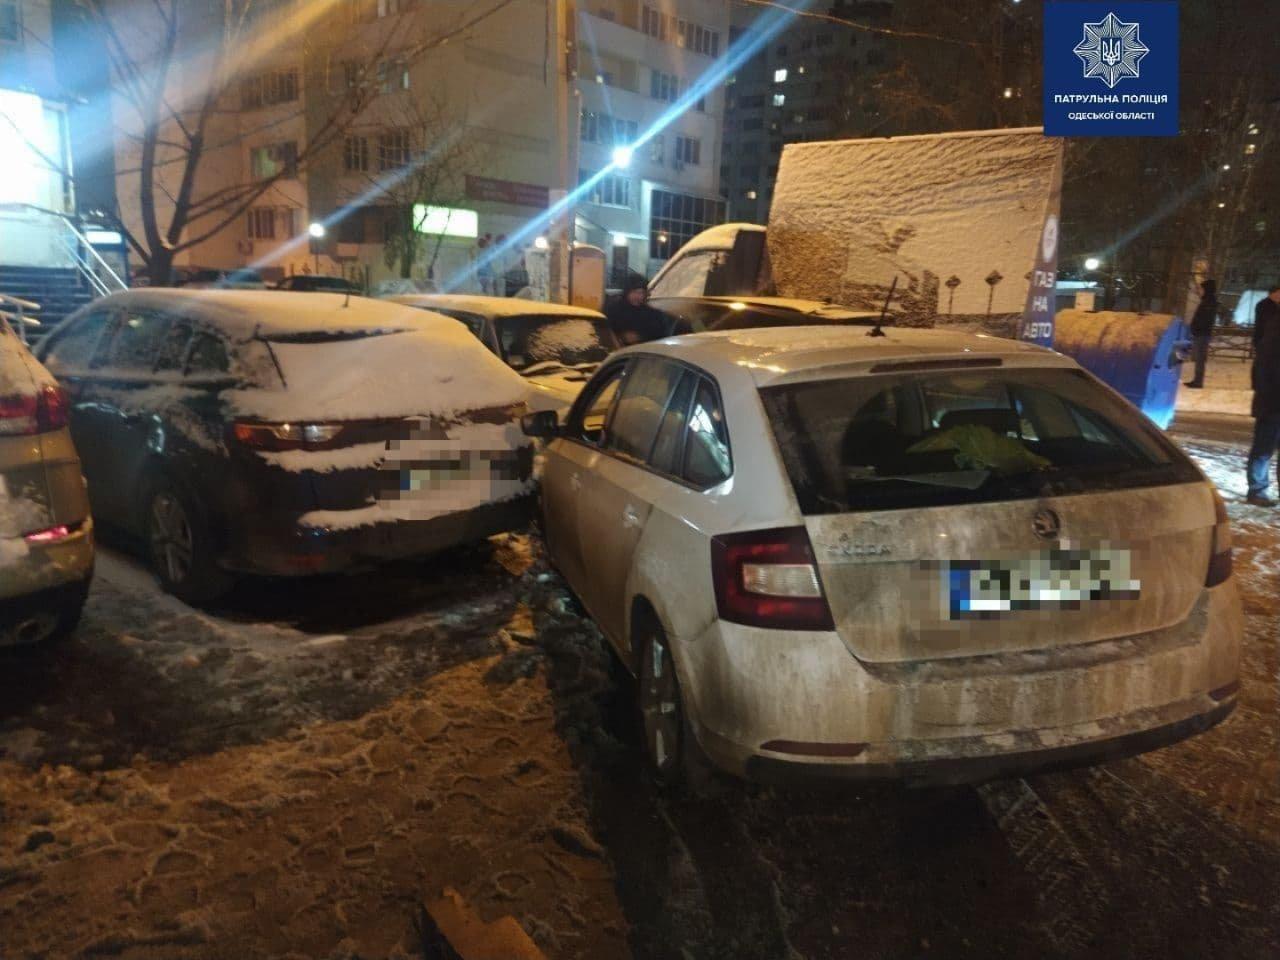 В Одессе пьяный водитель устроил ДТП и разбил 7 автомобилей..., фото-11